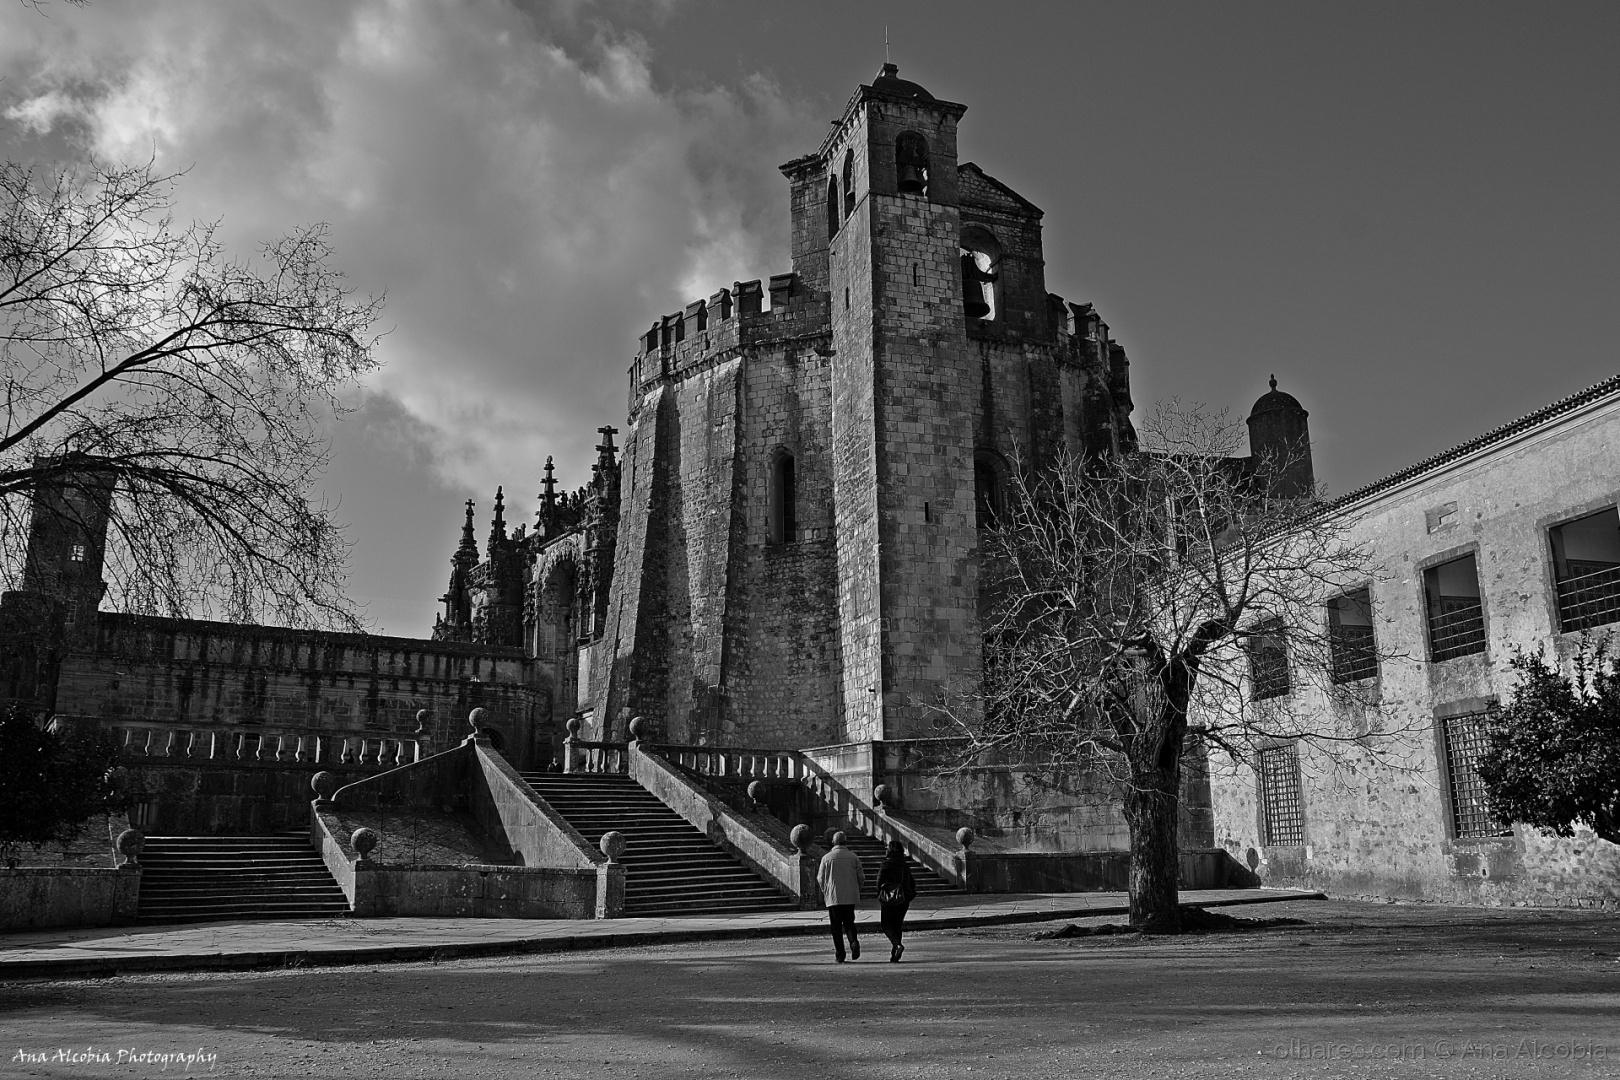 História/Convento de Cristo I